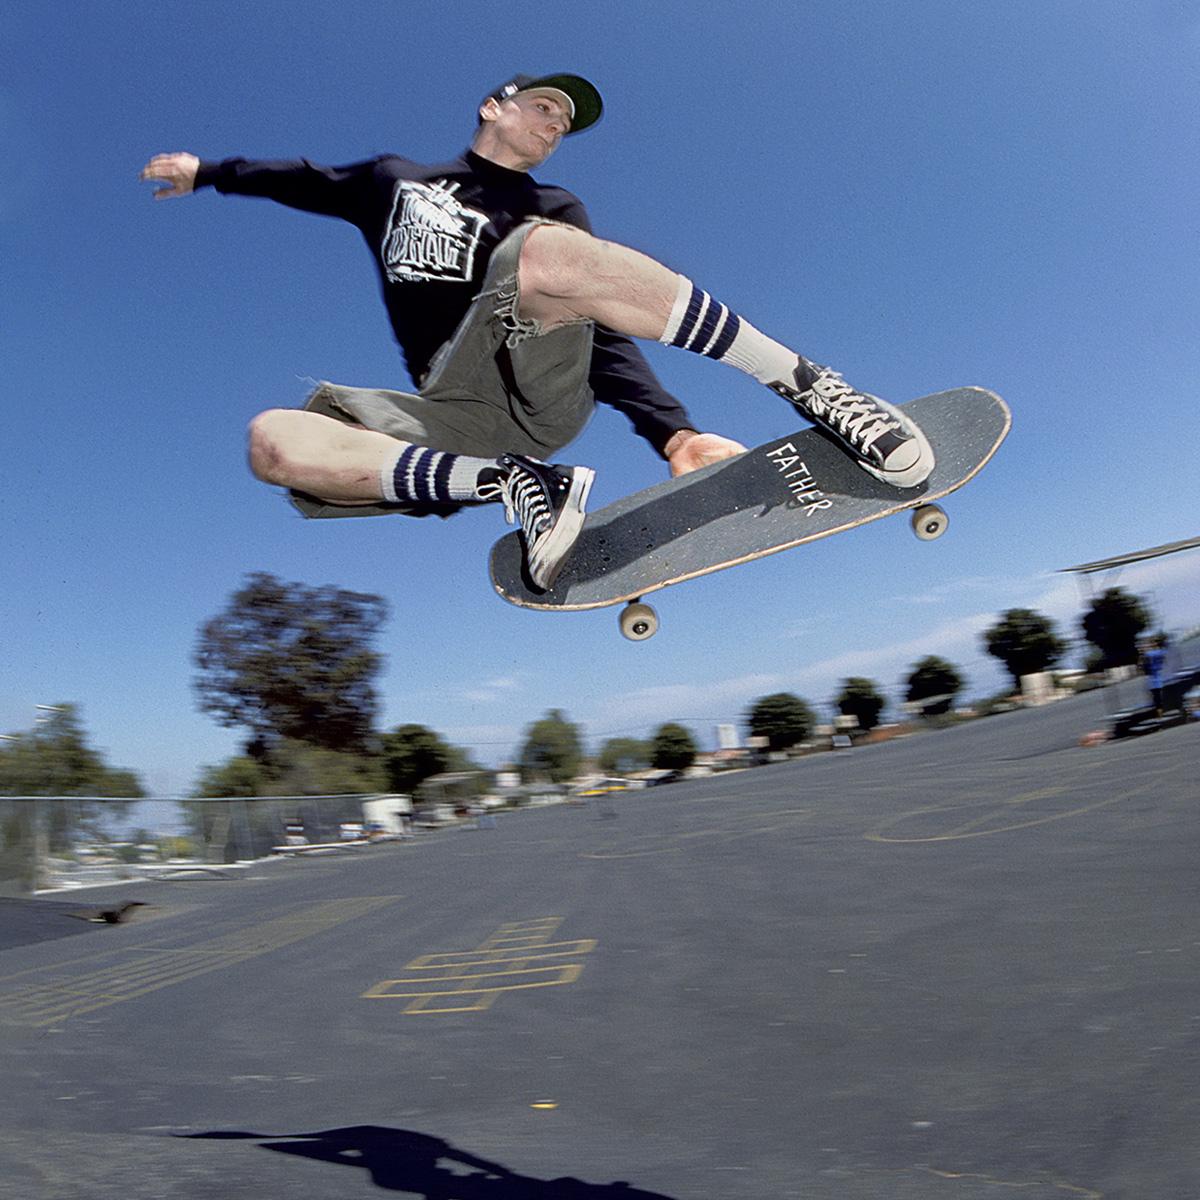 Mike_Vallely_Ogden-New_Deal_skateboars-RAD_Magazine.jpg